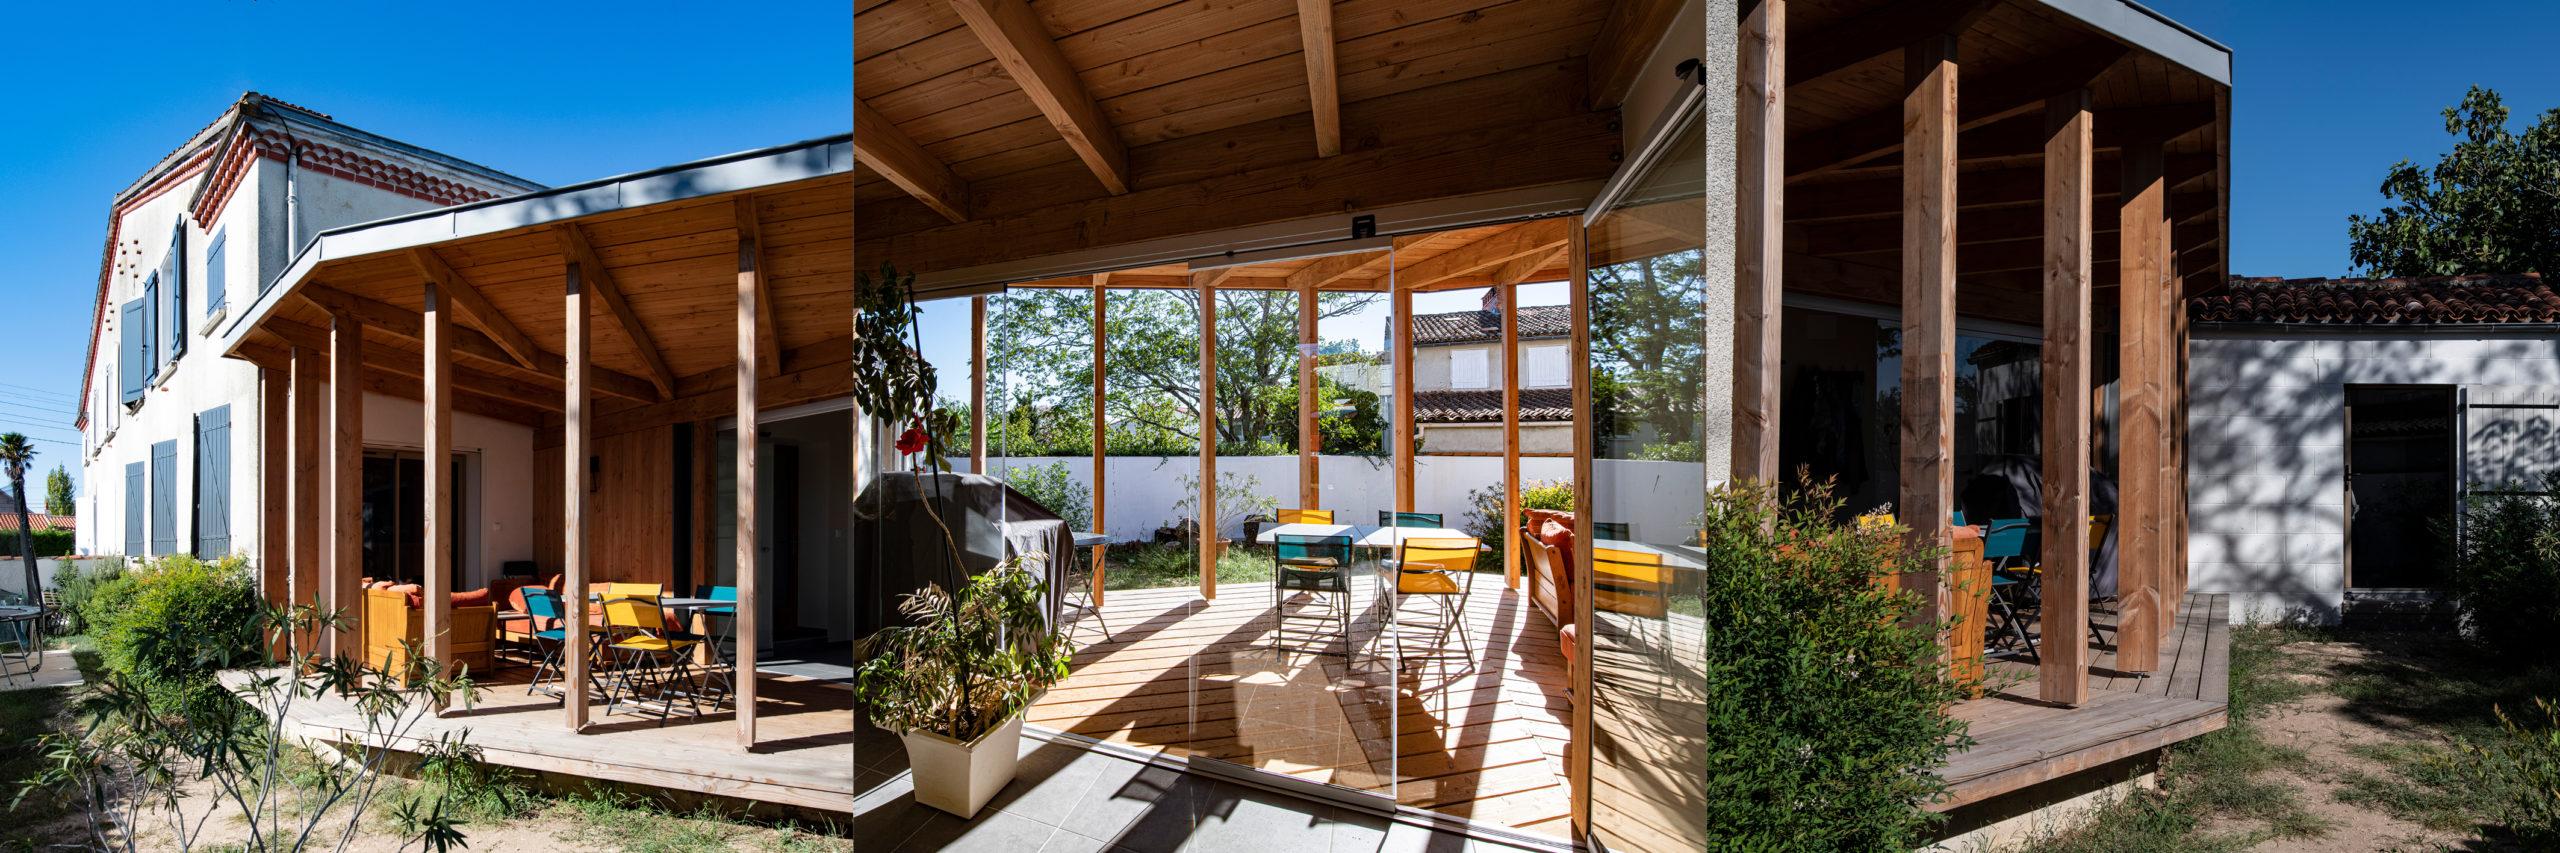 """Appel à projets """"Osez un architecte""""- Extension d'une maison à Niort - A. Contamin et K. Bioley"""